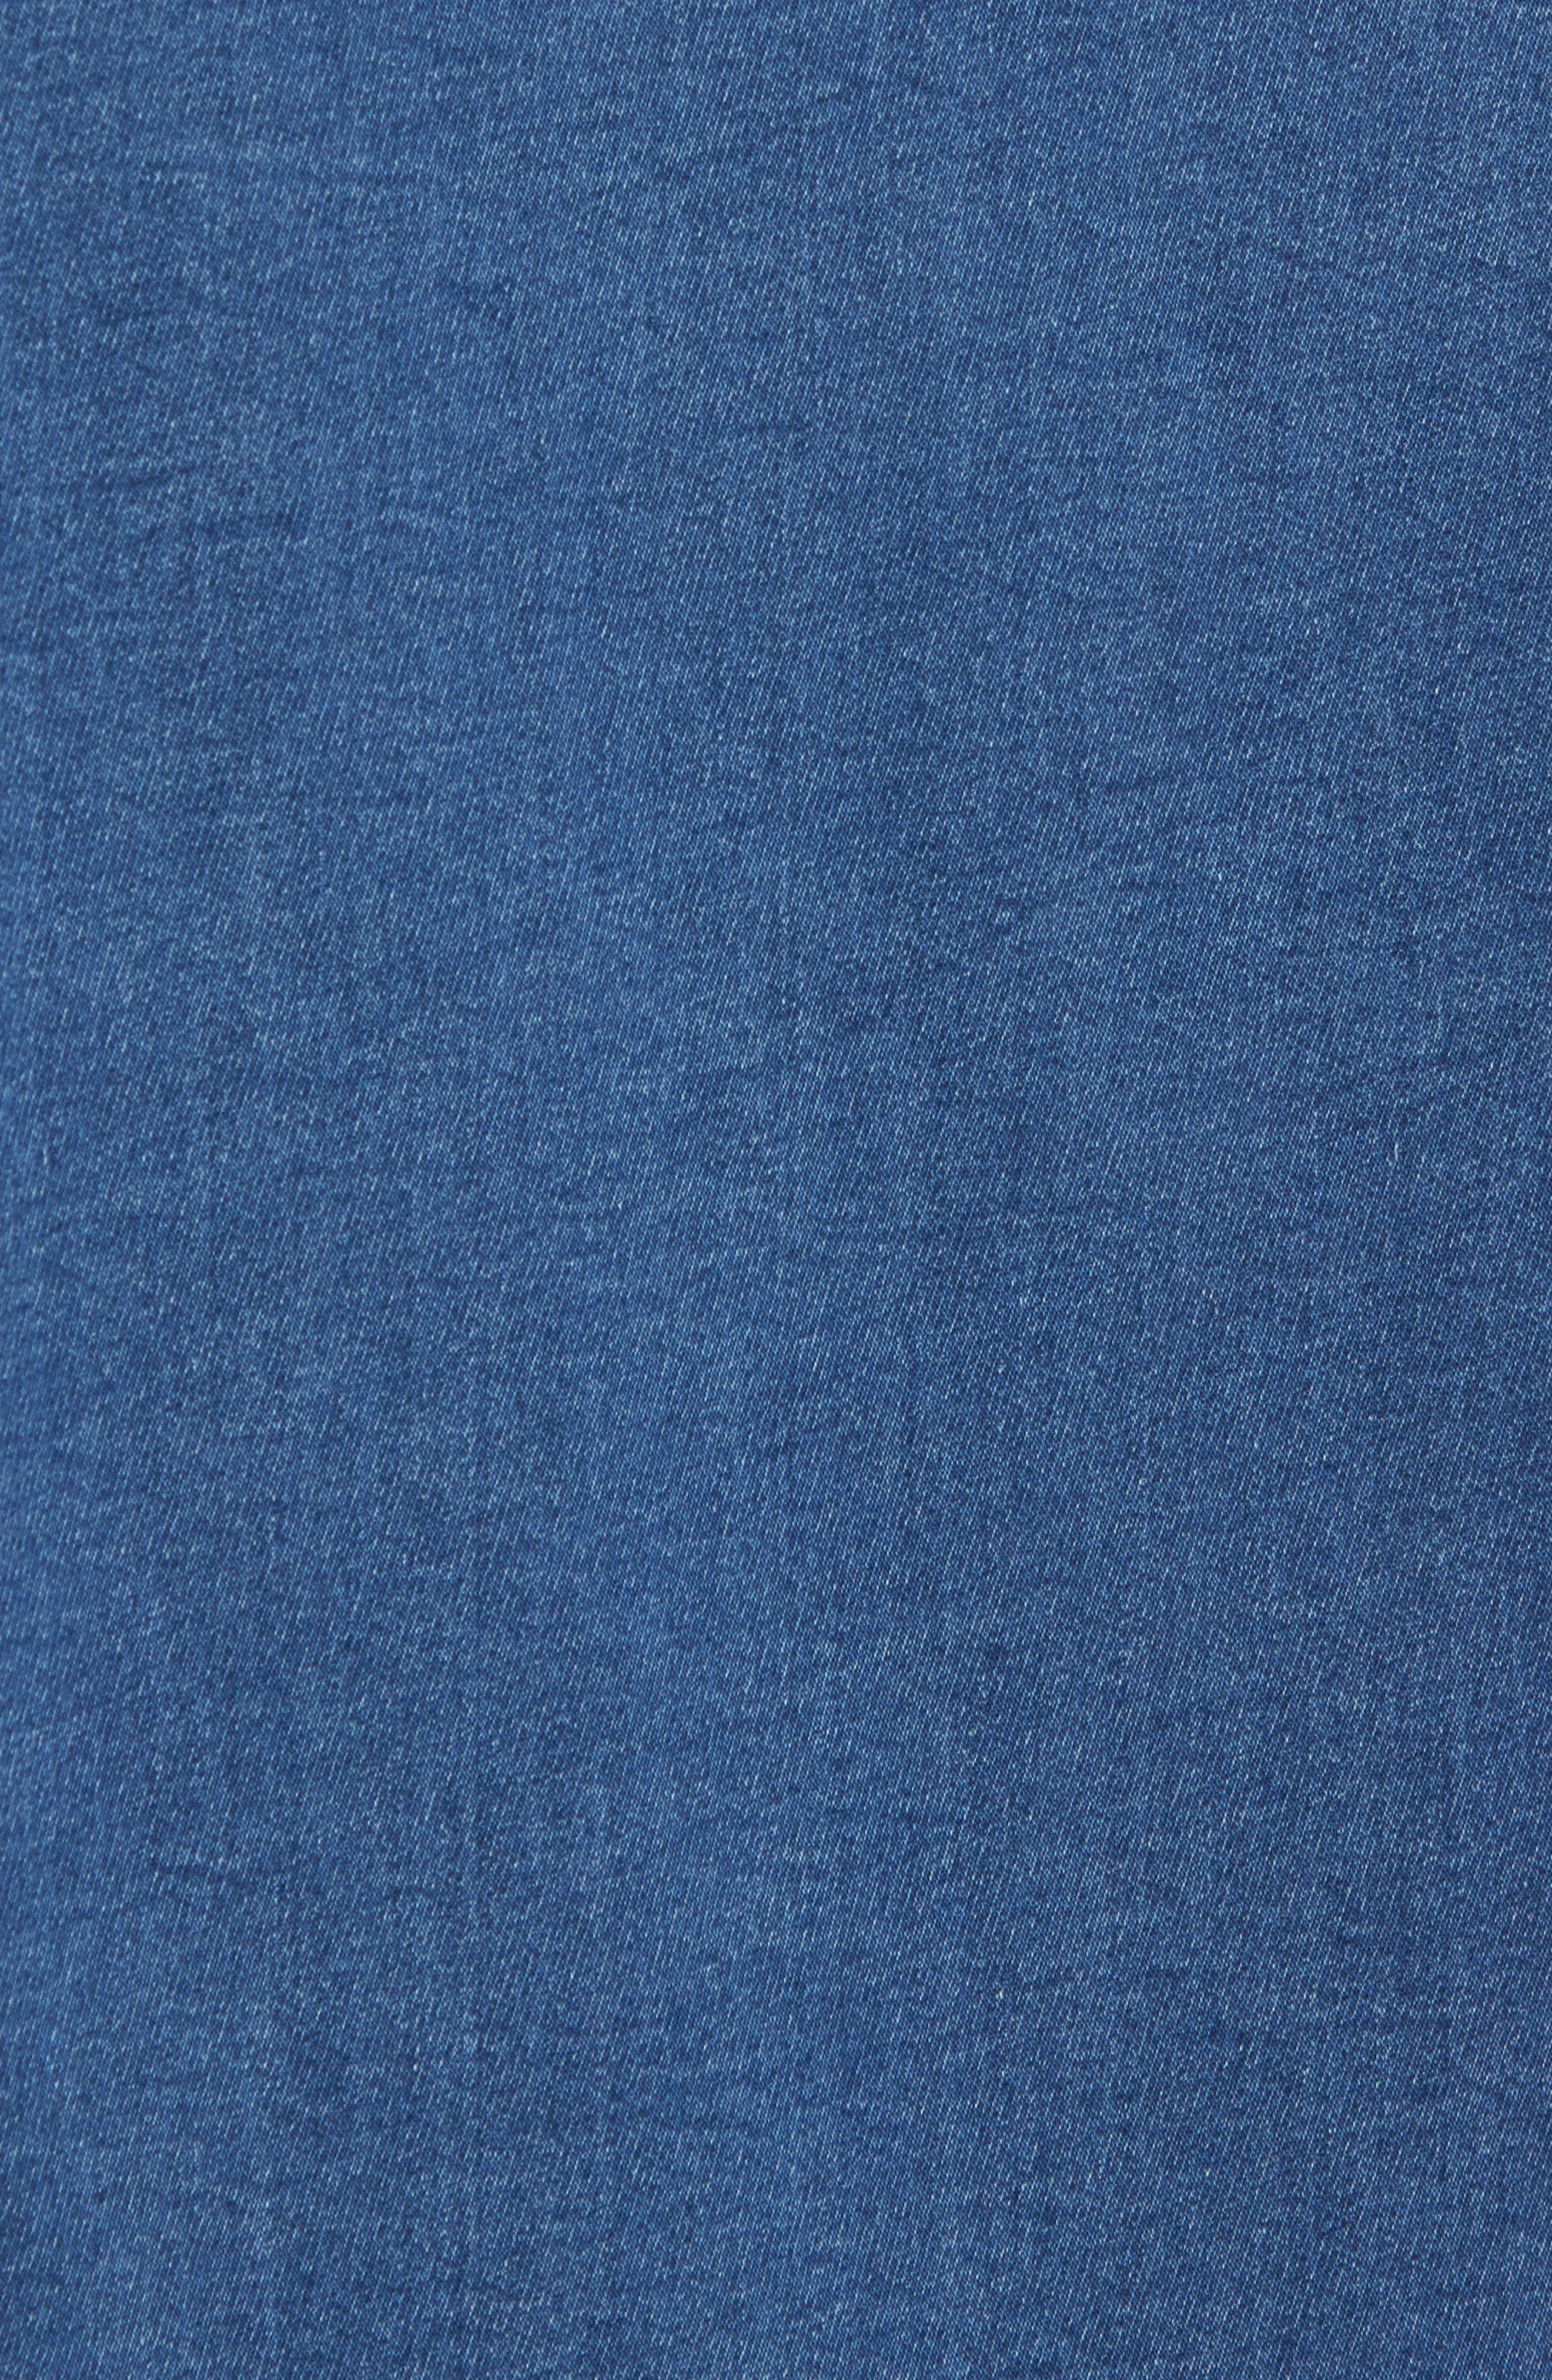 Alternate Image 5  - Nordstrom Men's Shop Trim Fit Utility Wash Knit Denim Shirt